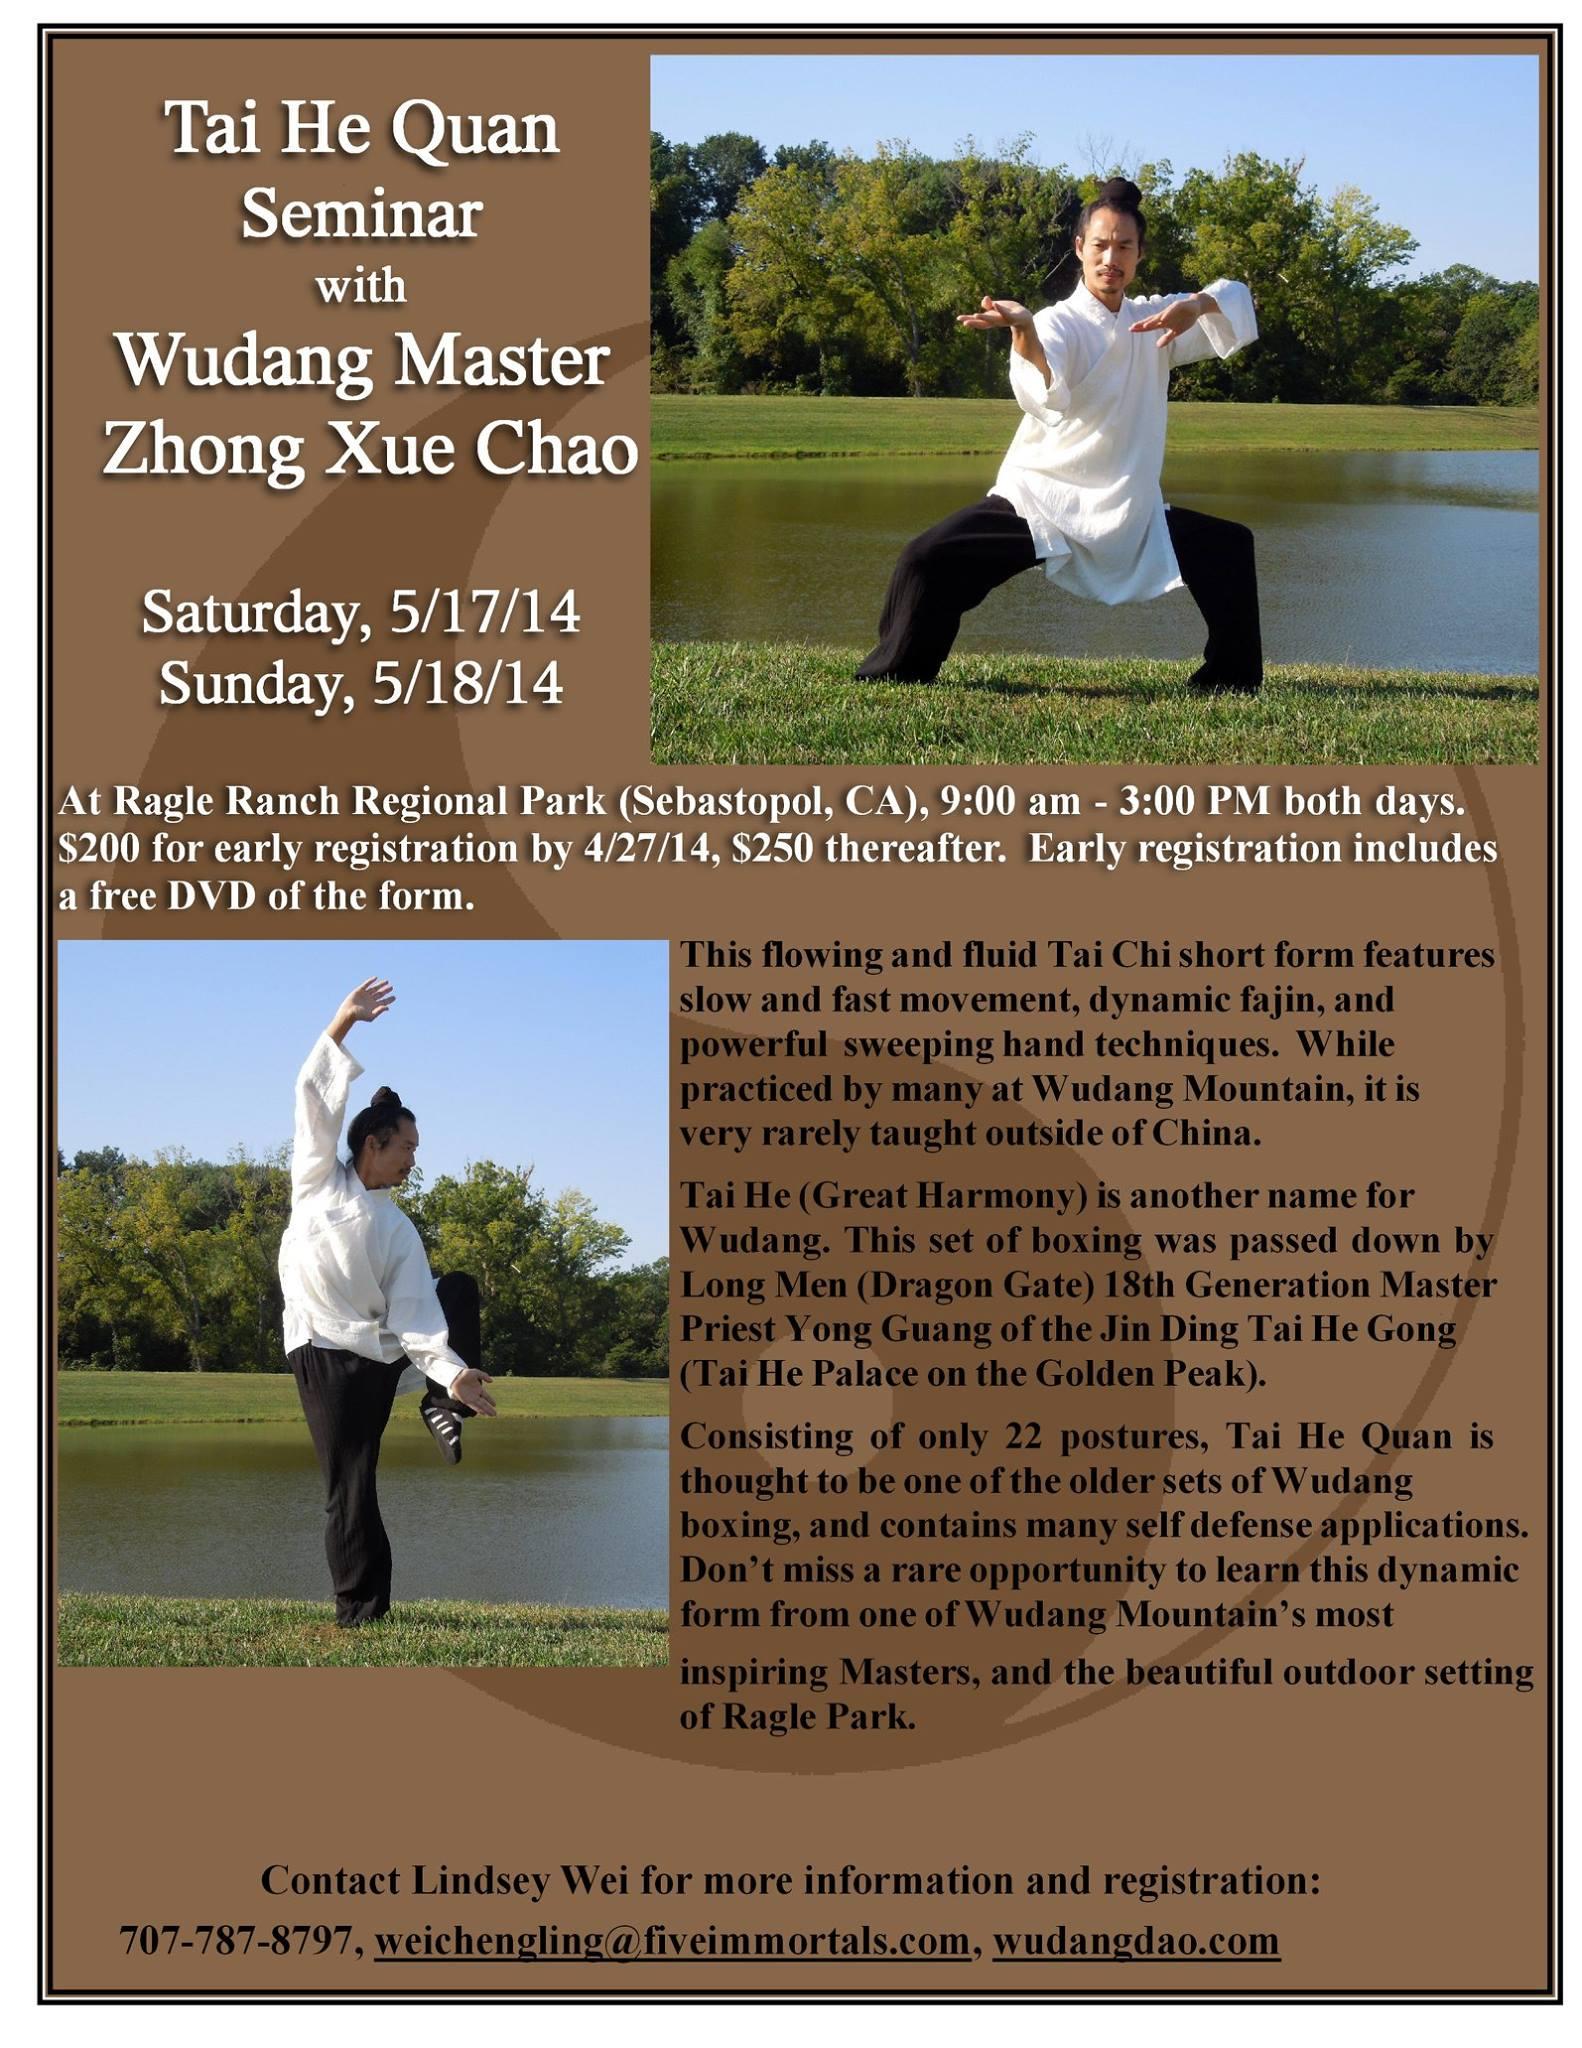 Wudang Tai He Quan Seminar